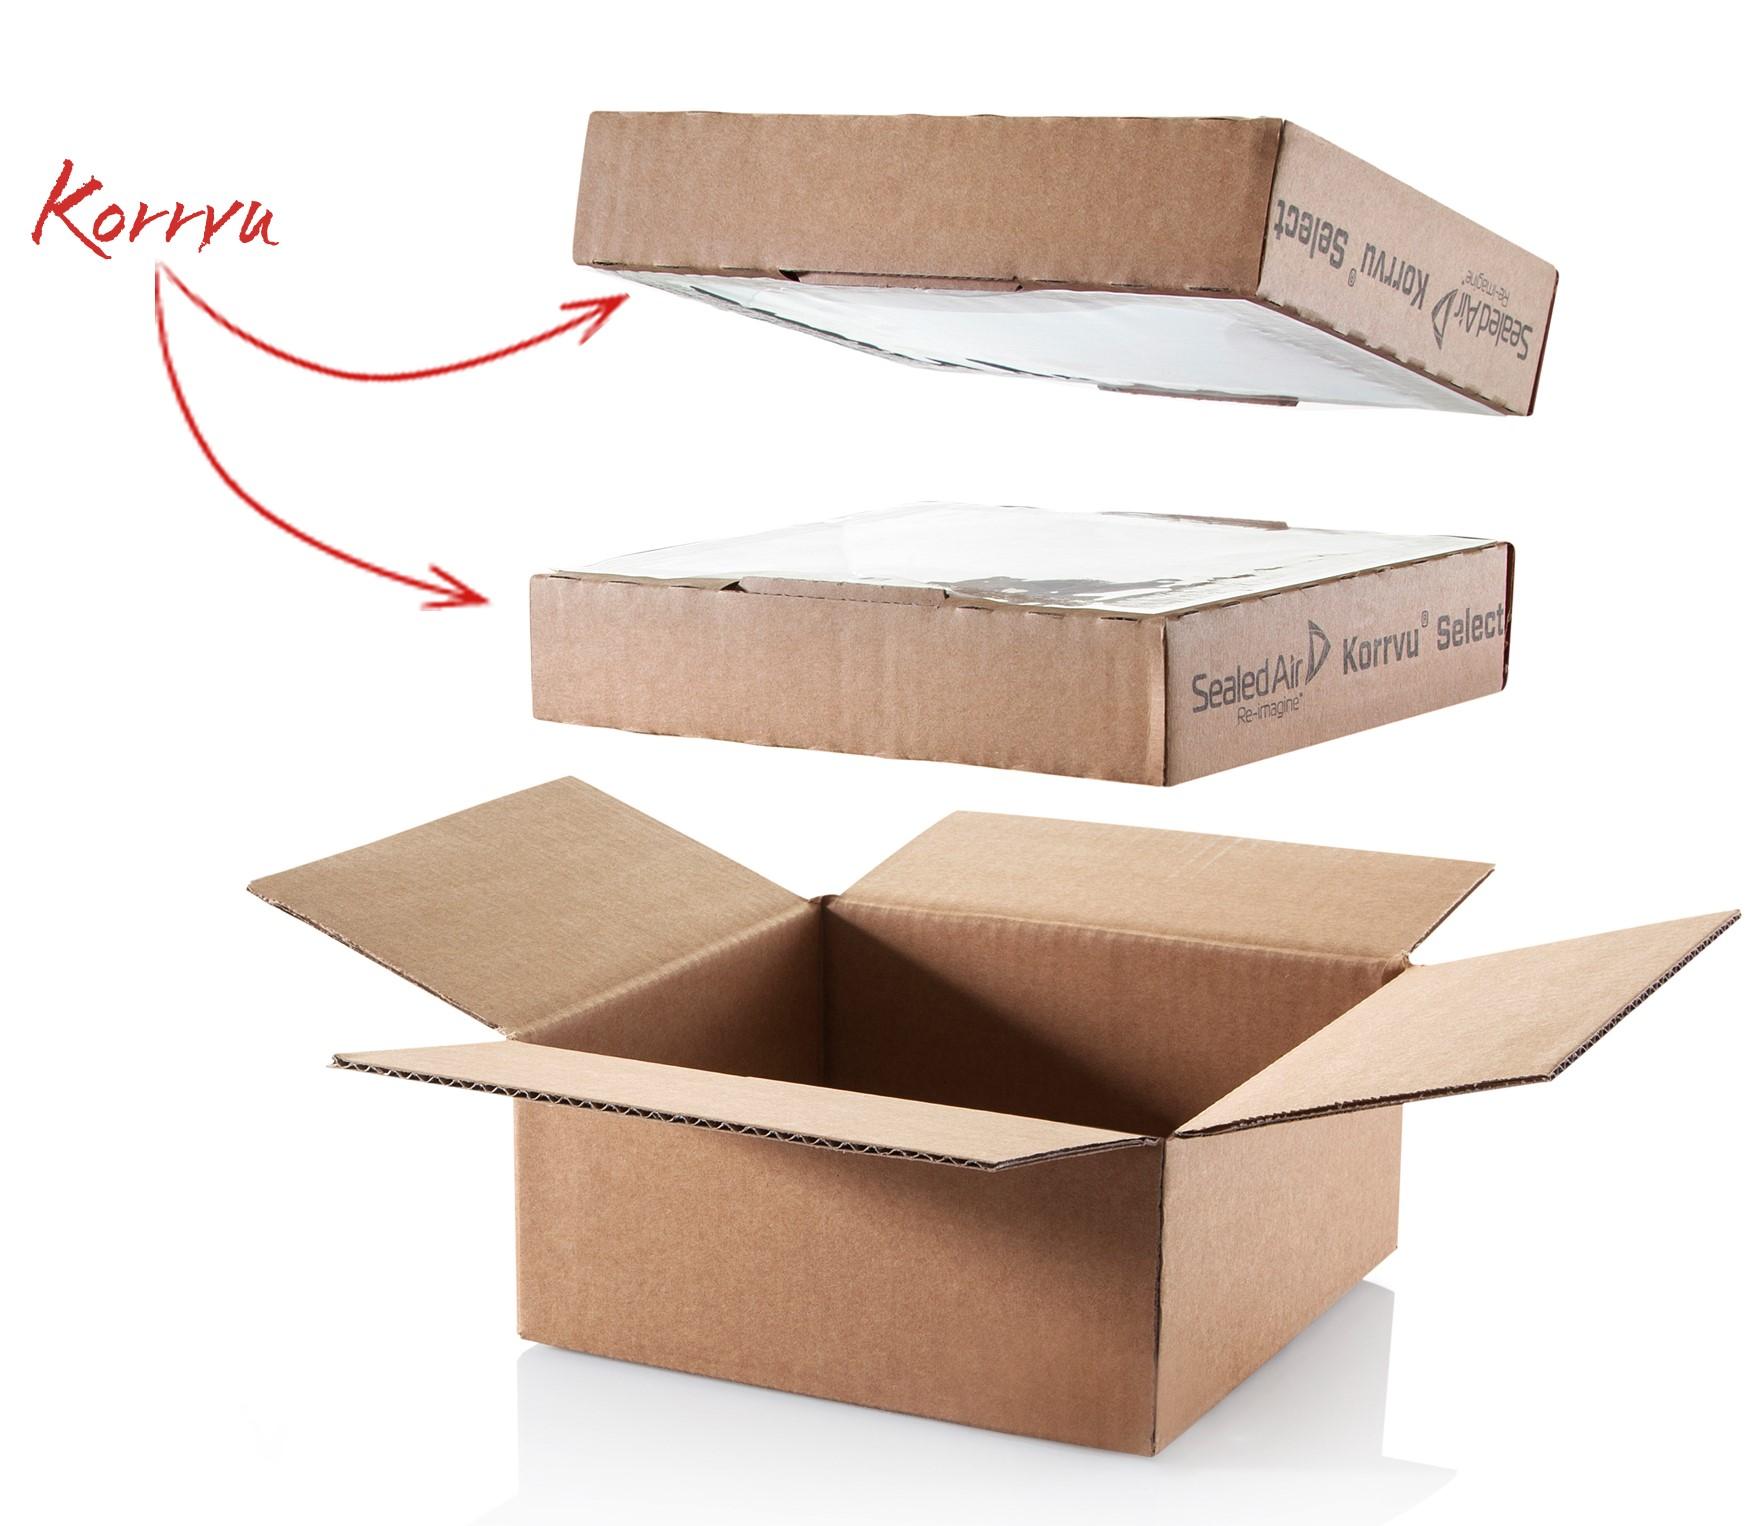 Korrvu Verpackungsmaterial